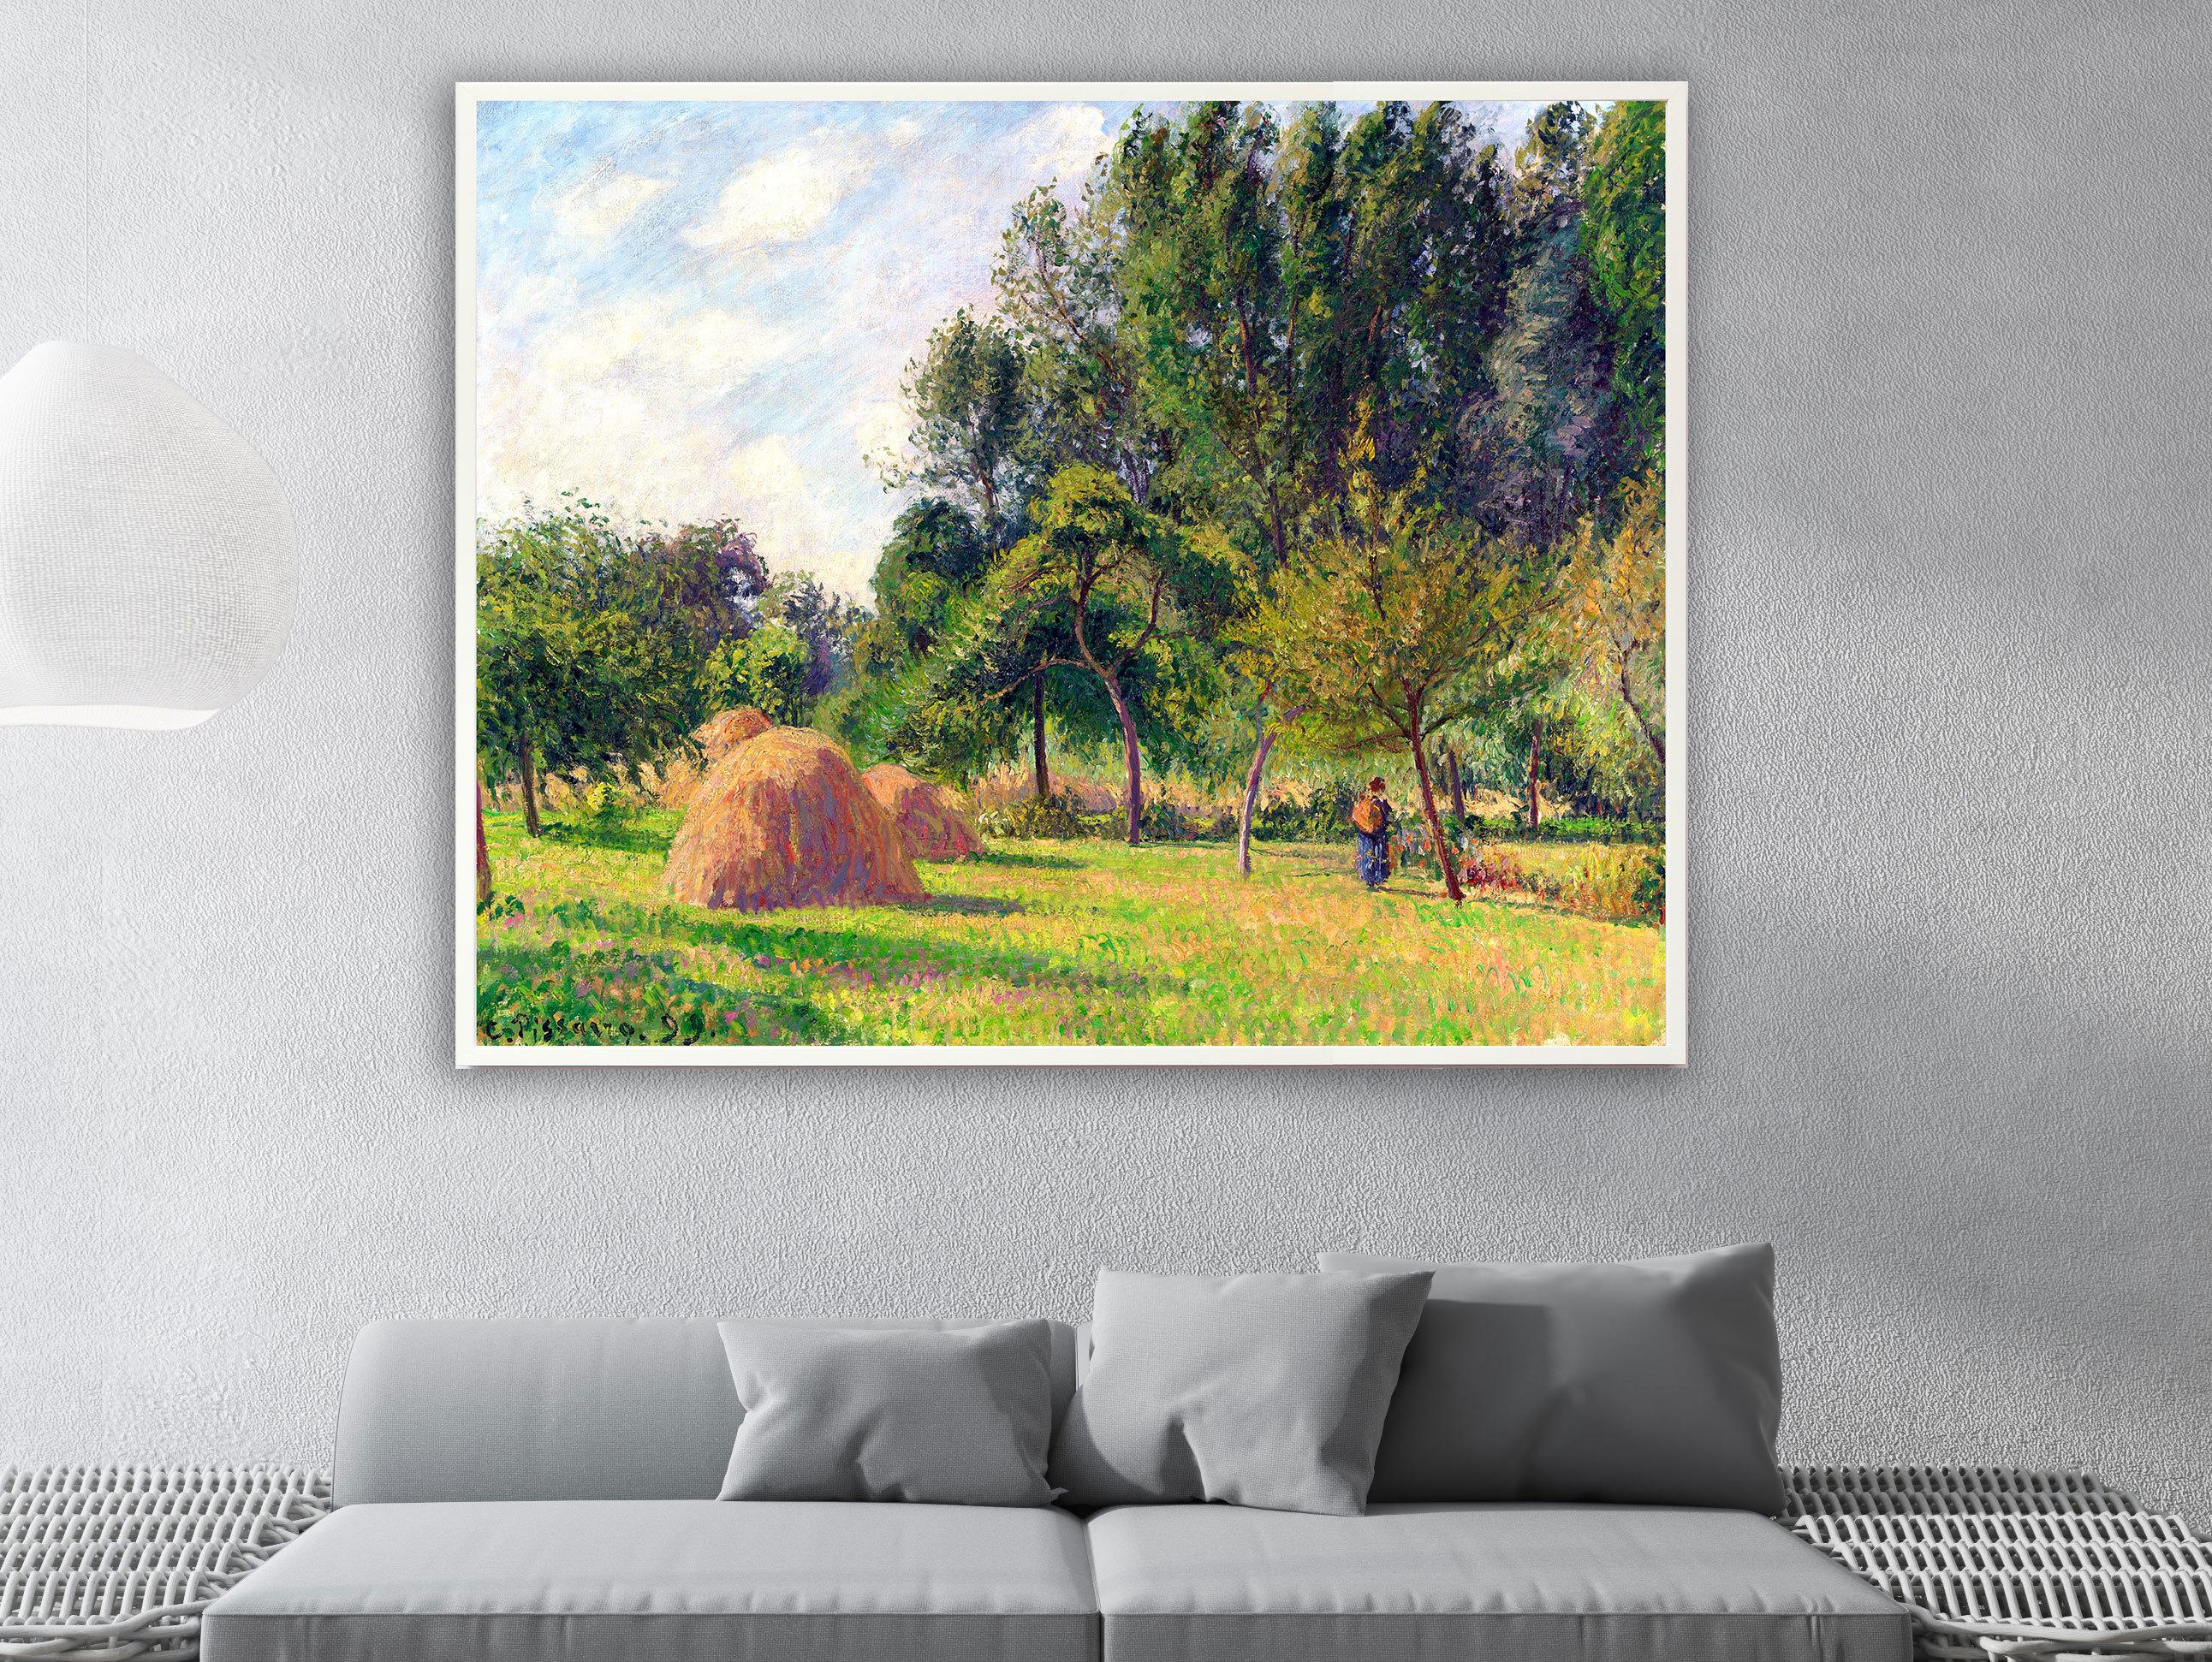 Camille Pissarro - Heuhaufen am Morgen Eragny in Frankreich, Bilderrahmen weiß